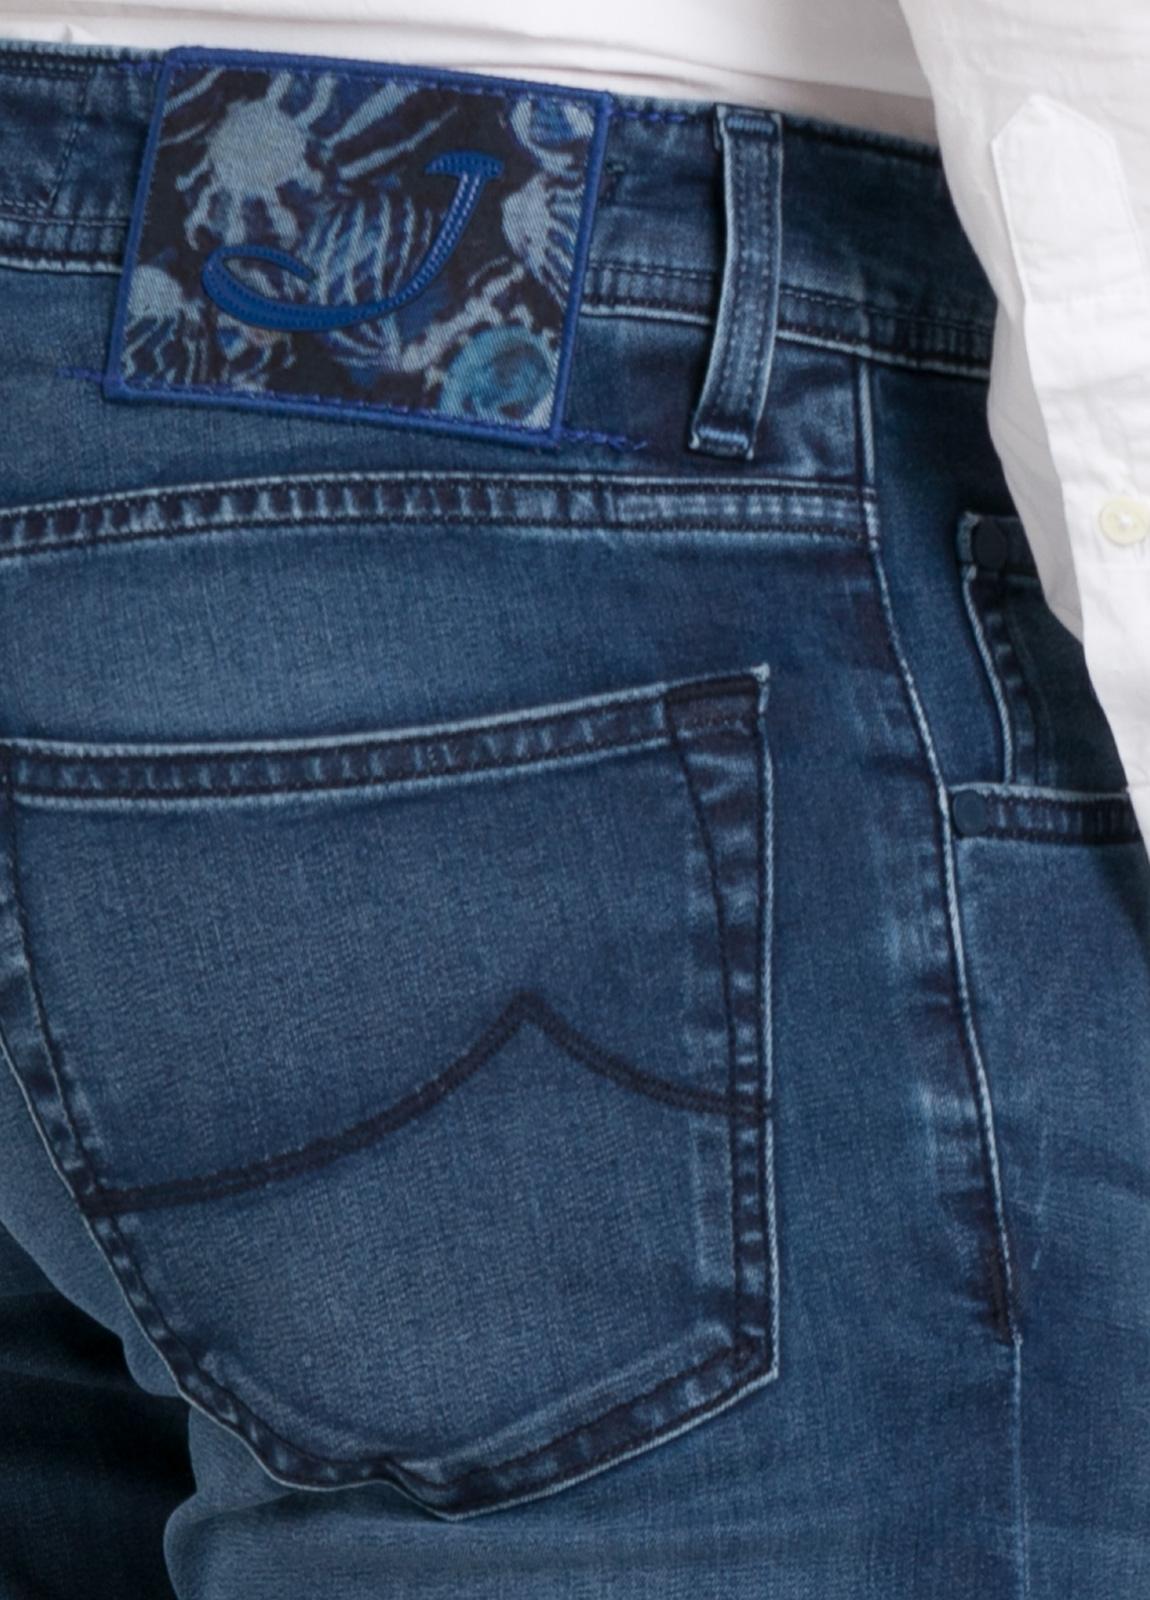 Tejano ligeramente slim fit modelo J622 color azul denim. 81% Algodón 16 Lino 3% Elastano. - Ítem2